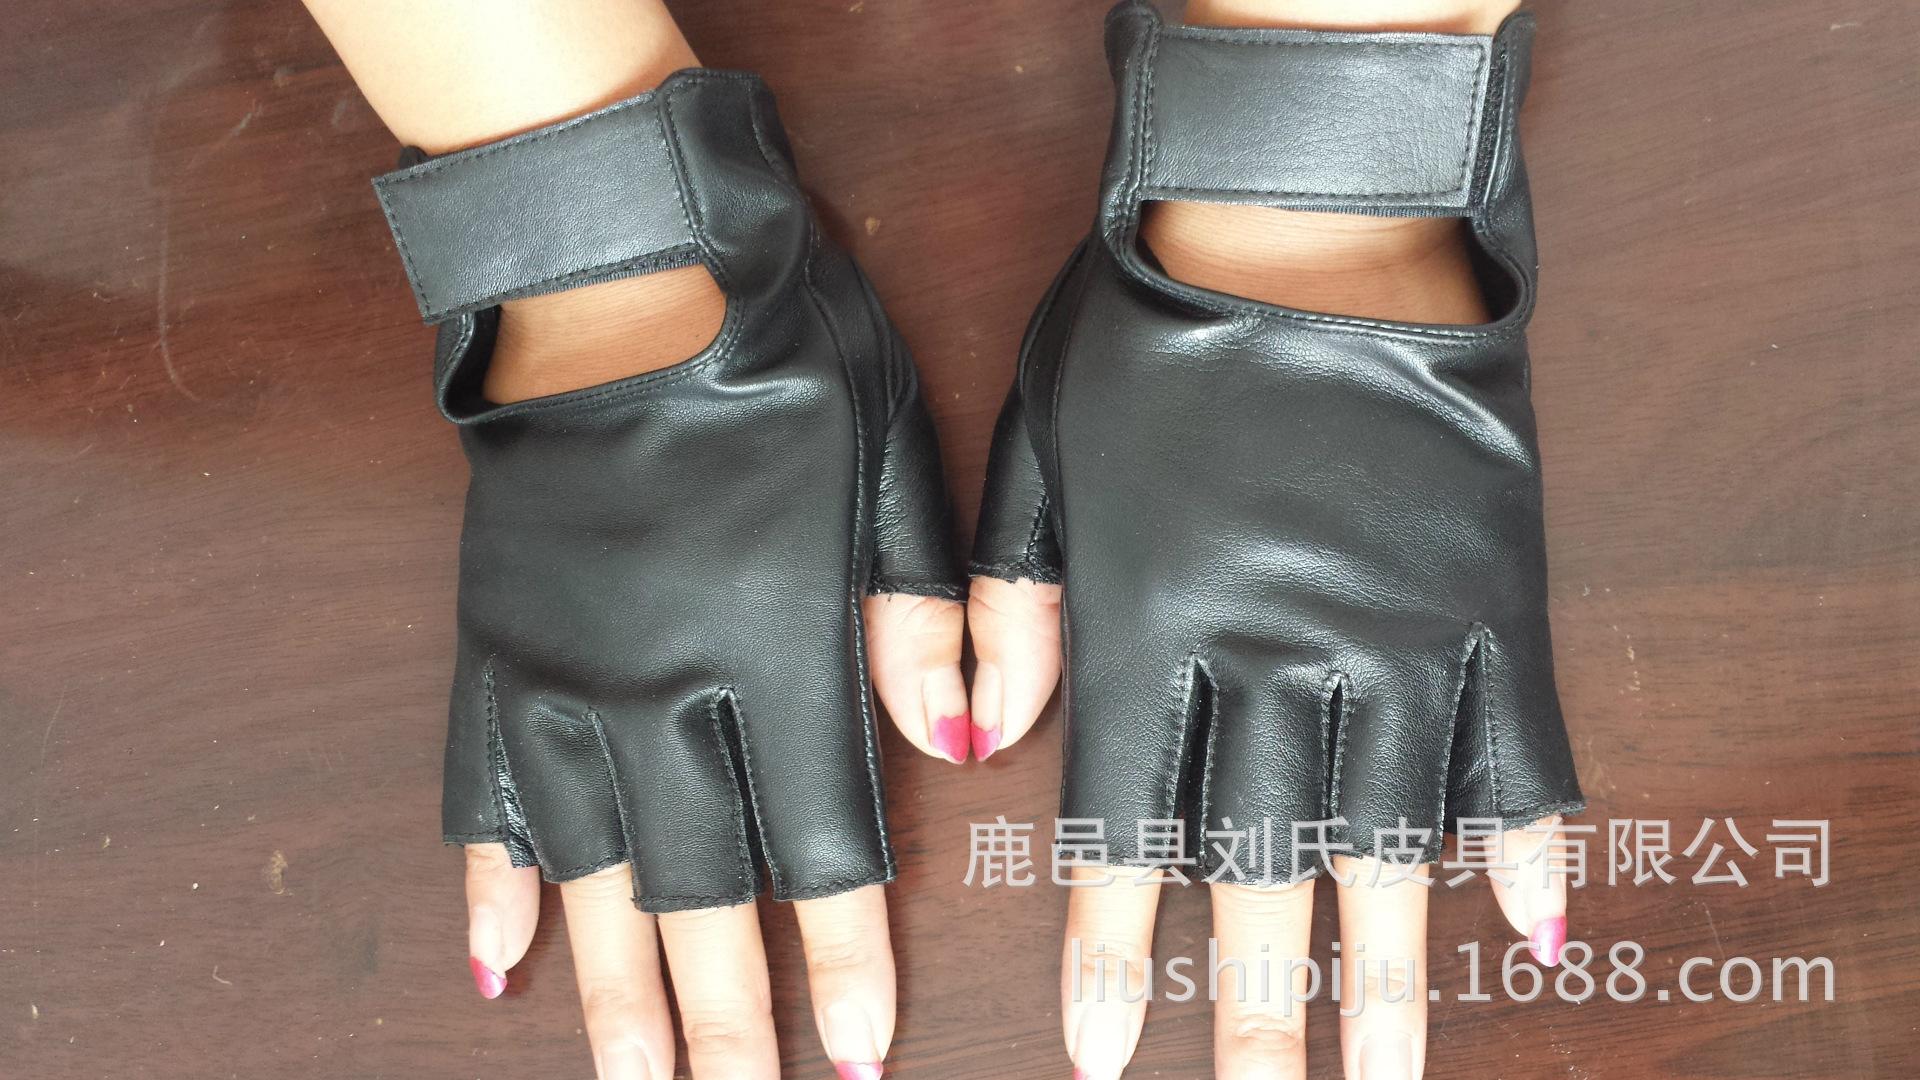 厂家直销新款女式羊皮半指手套真皮休闲驾驶手套骑行手套外贸手套